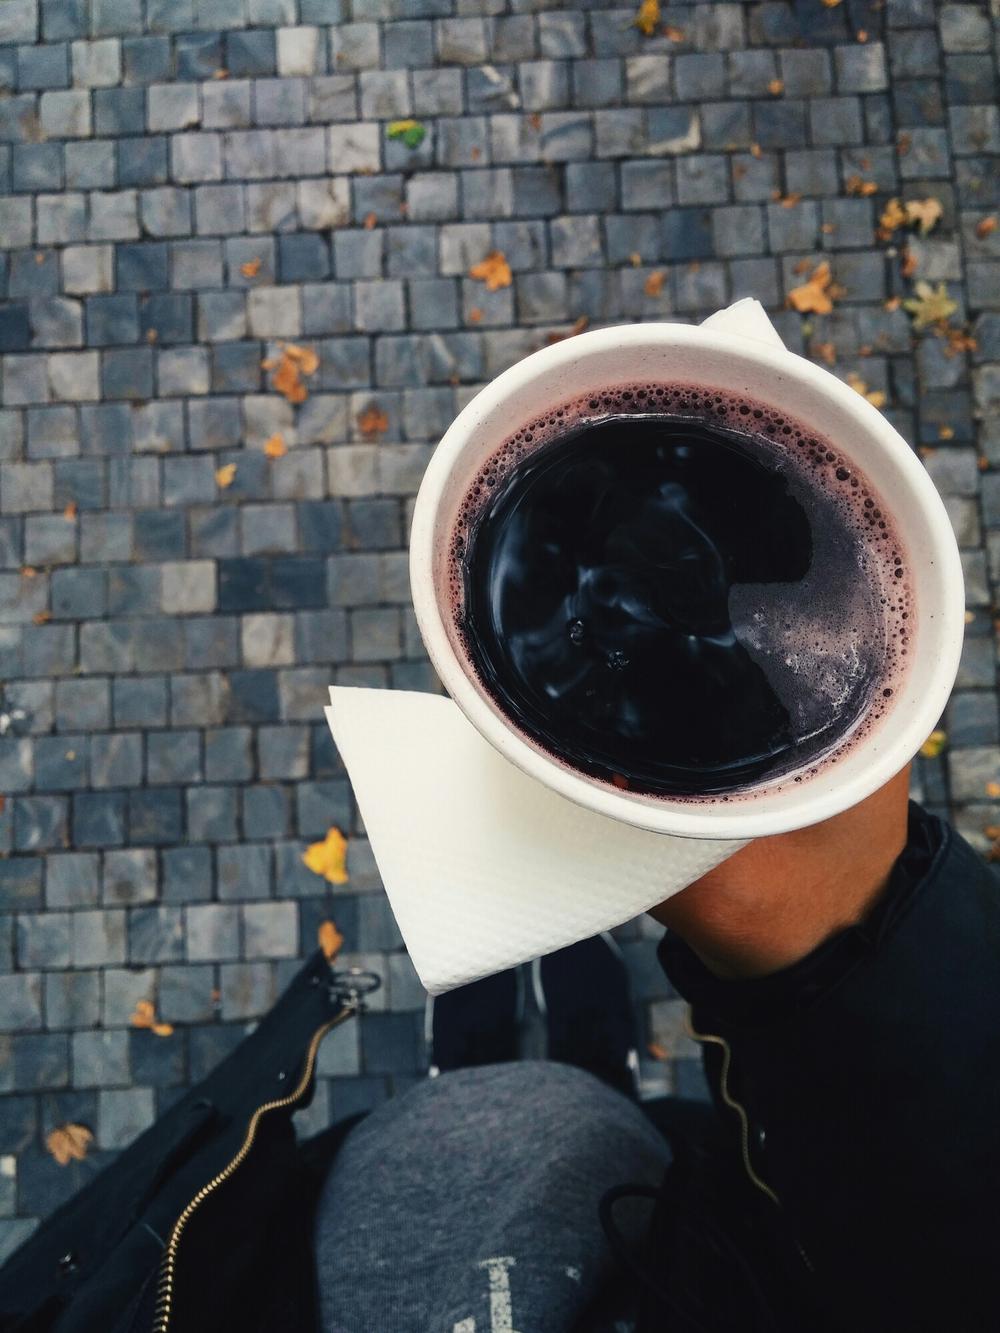 {Hot wine. Definitely not my thing.}